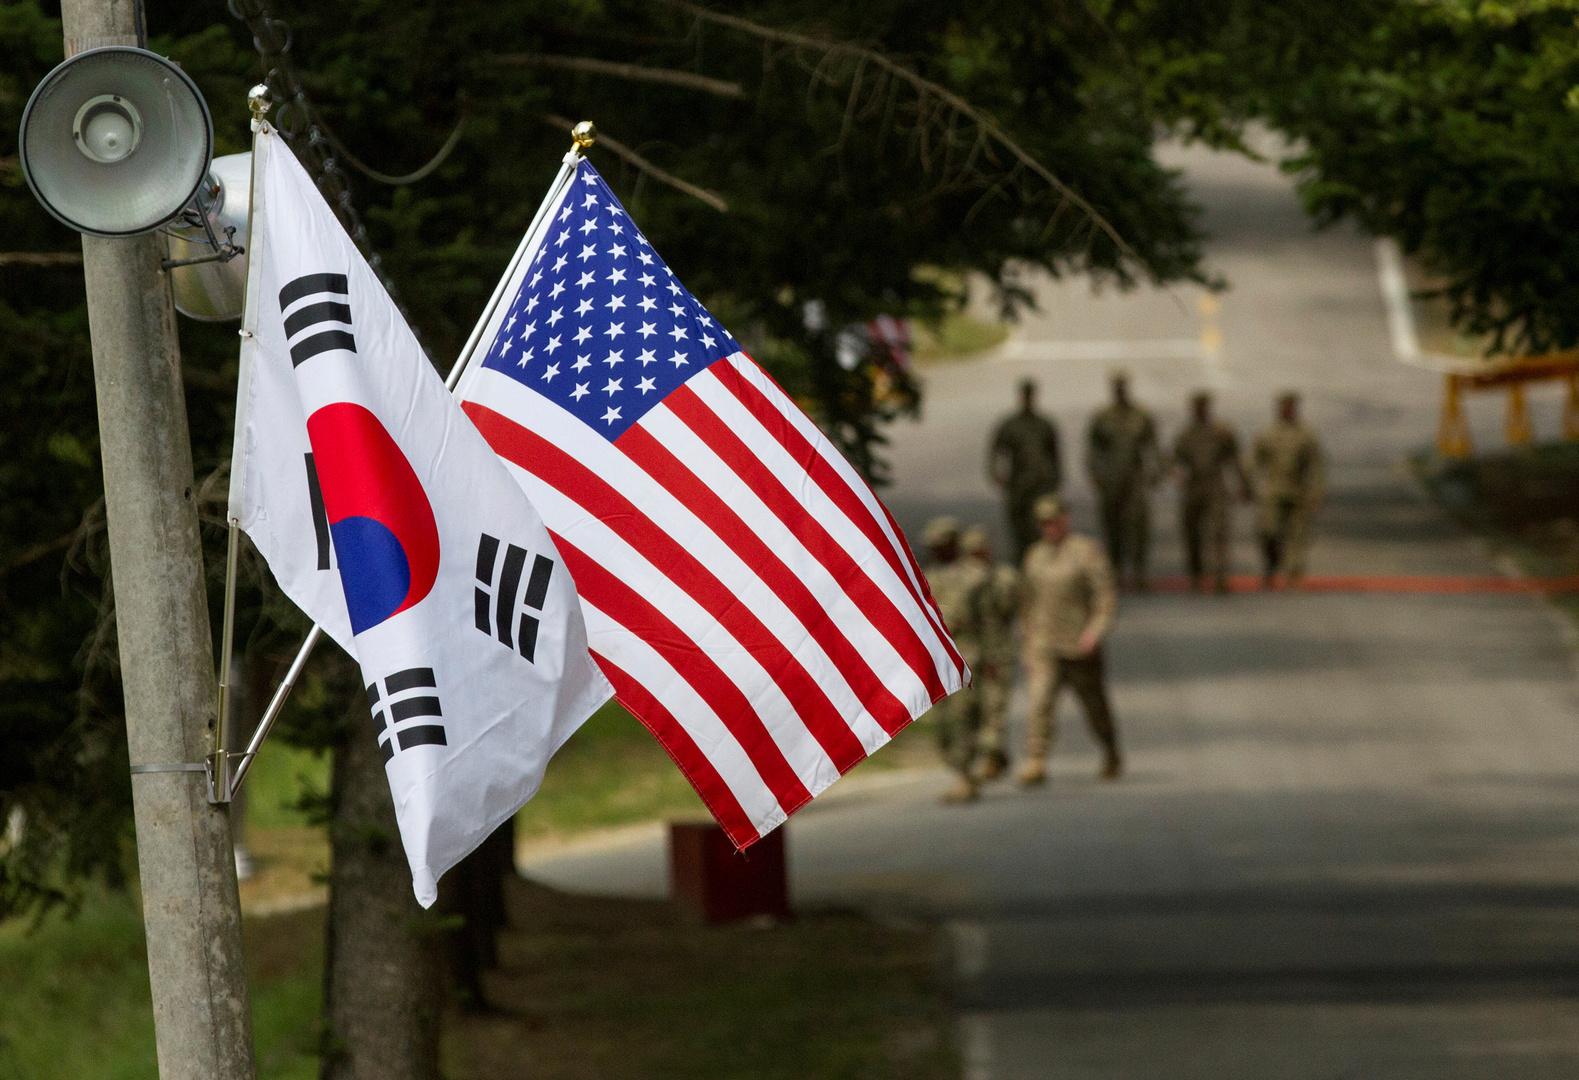 مبعوث أمريكا يزور كوريا الجنوبية وسط توتر بسبب صواريخ بيونغ يانغ وتعثر المحادثات